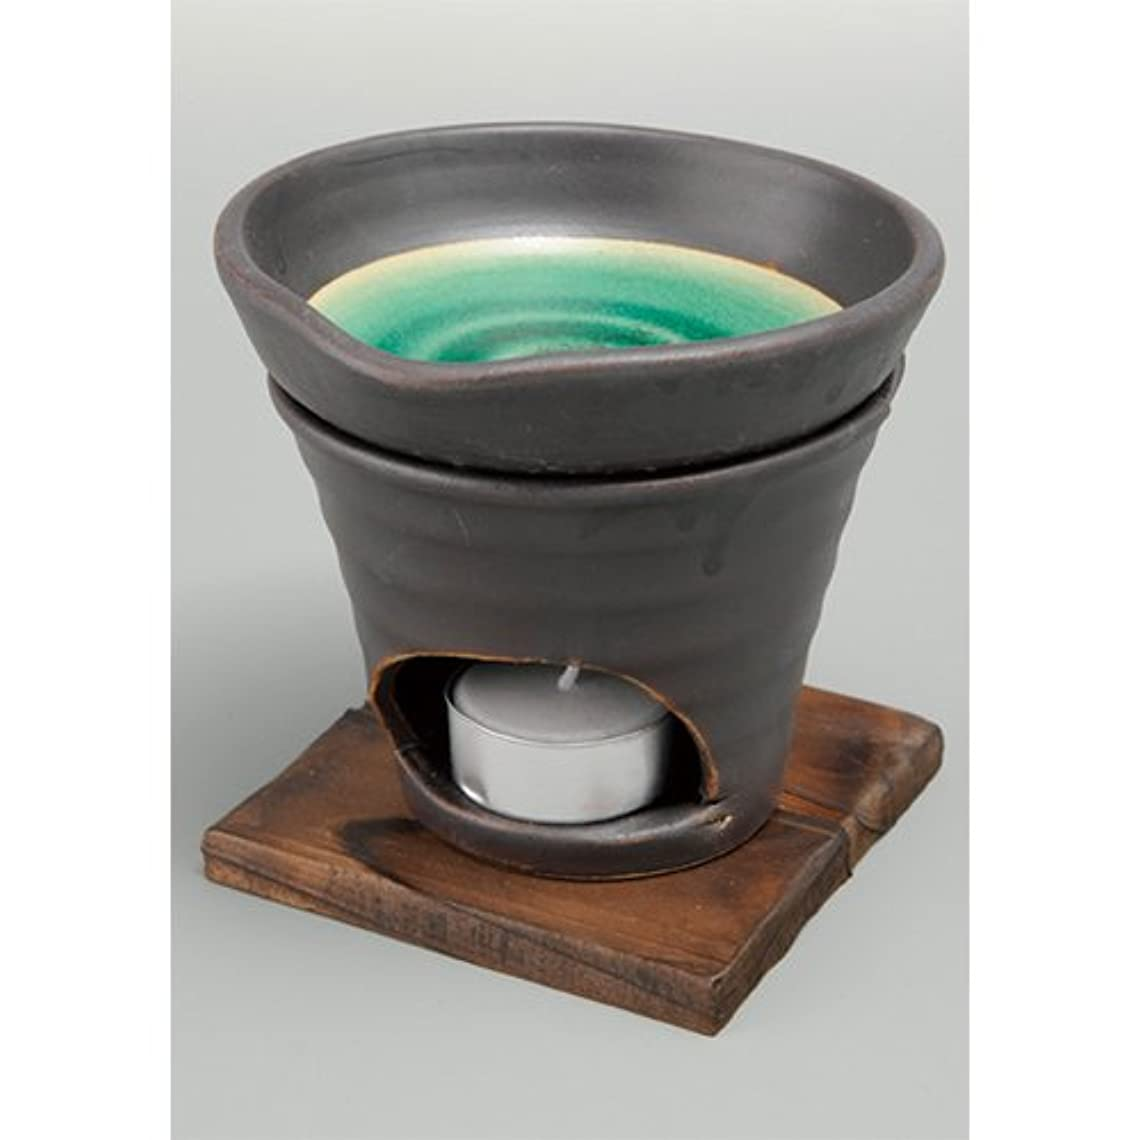 金額盆地自分香炉 黒釉 茶香炉(緑) [R11.8xH11.5cm] HANDMADE プレゼント ギフト 和食器 かわいい インテリア